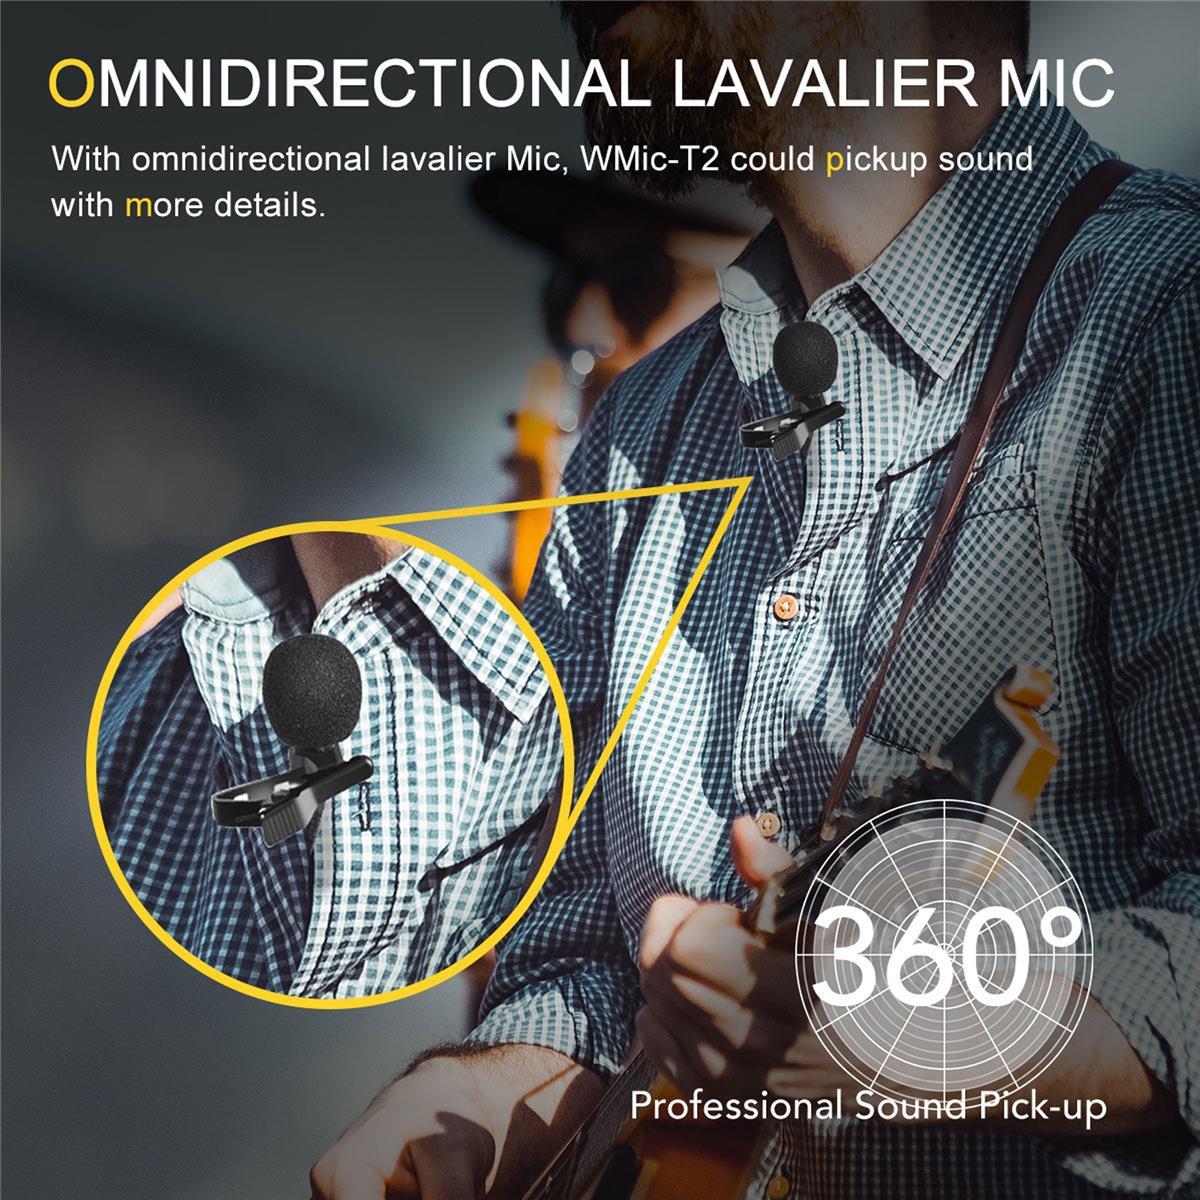 Synco Audio LAV-S6: Picture 14